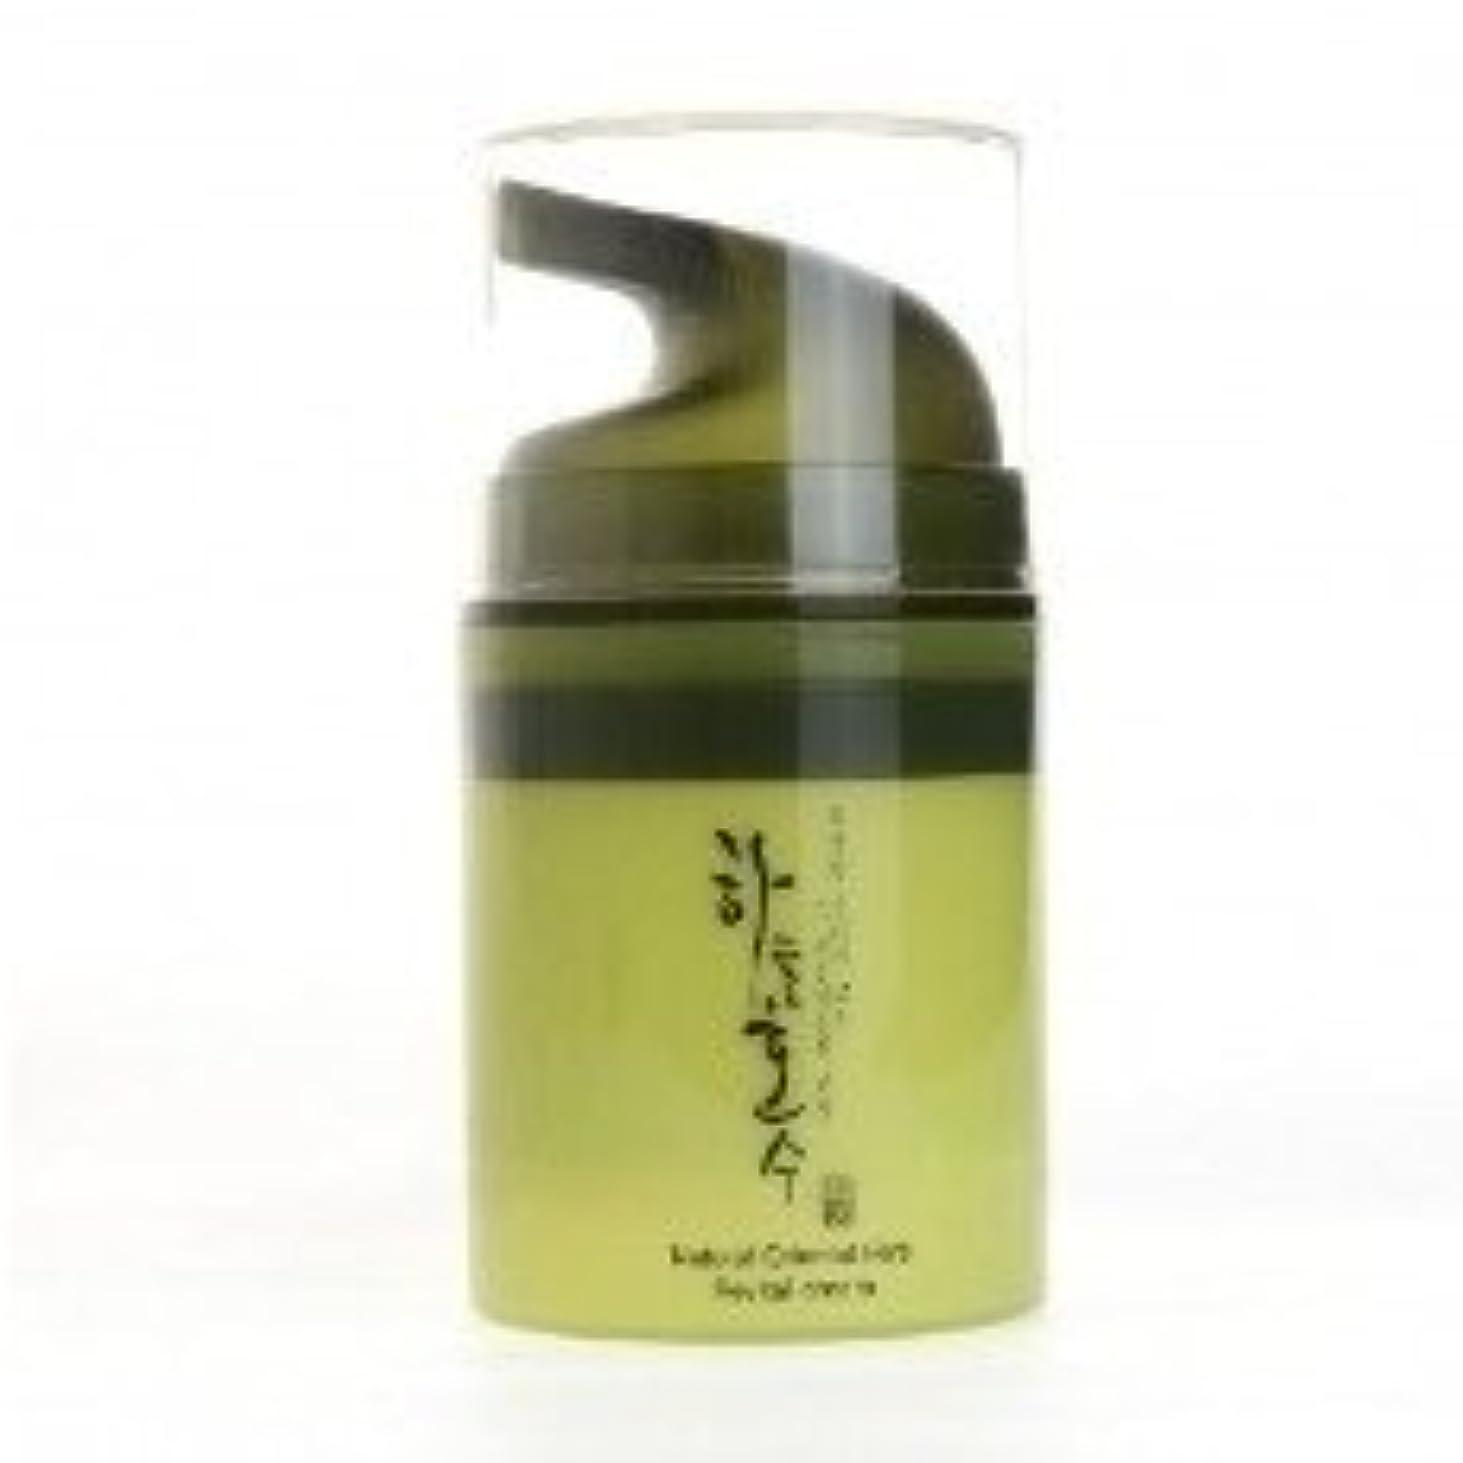 放置ロードされたクラスSkylake Natural Oriental Herb Revital Cream ハヌルホス ナチュラルオリエンタル ハーブリバイタルクリーム [並行輸入品]